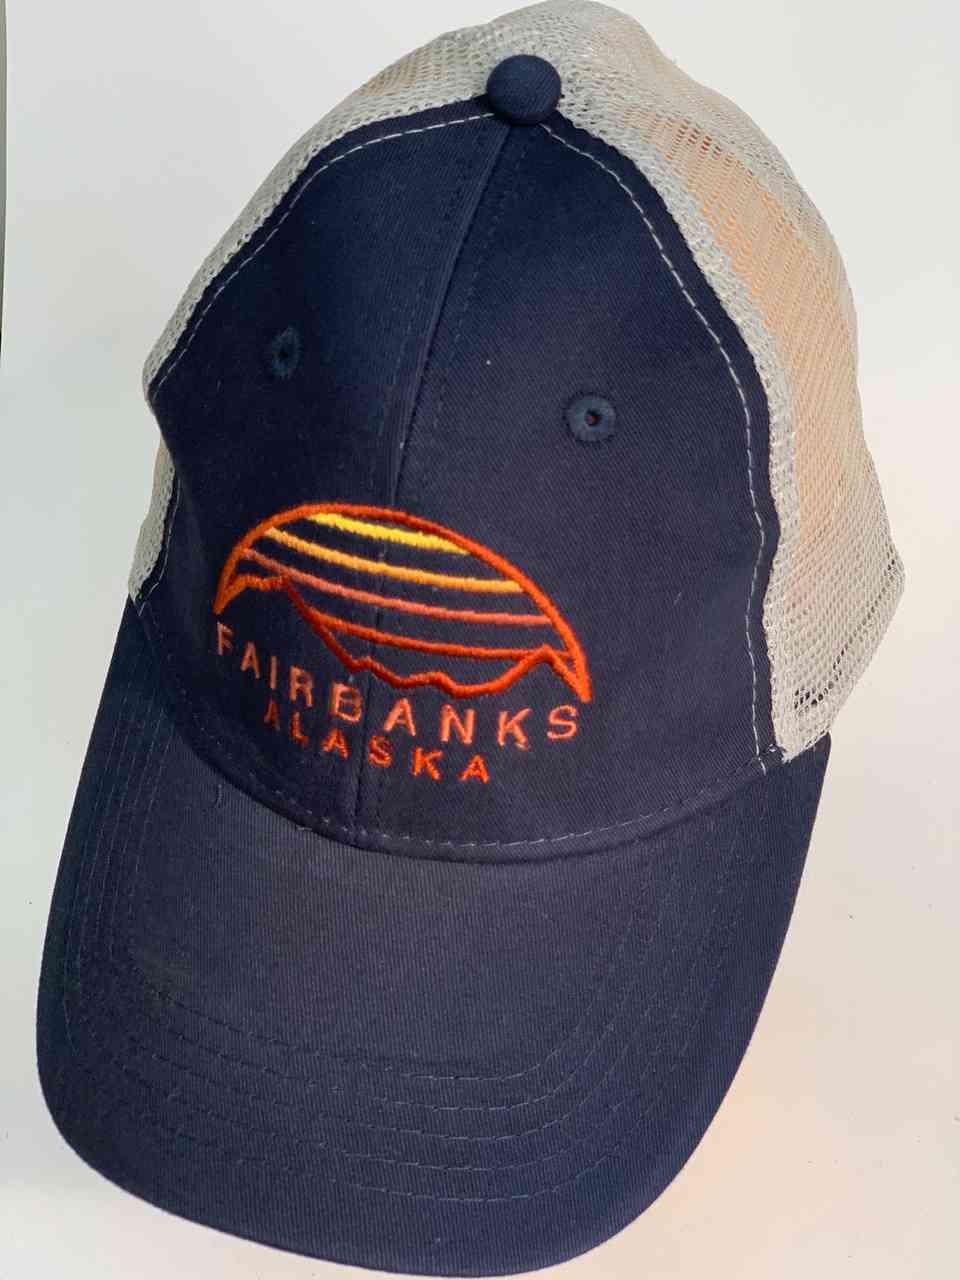 Синяя кепка с сеткой FAIRBANKS ALASKA